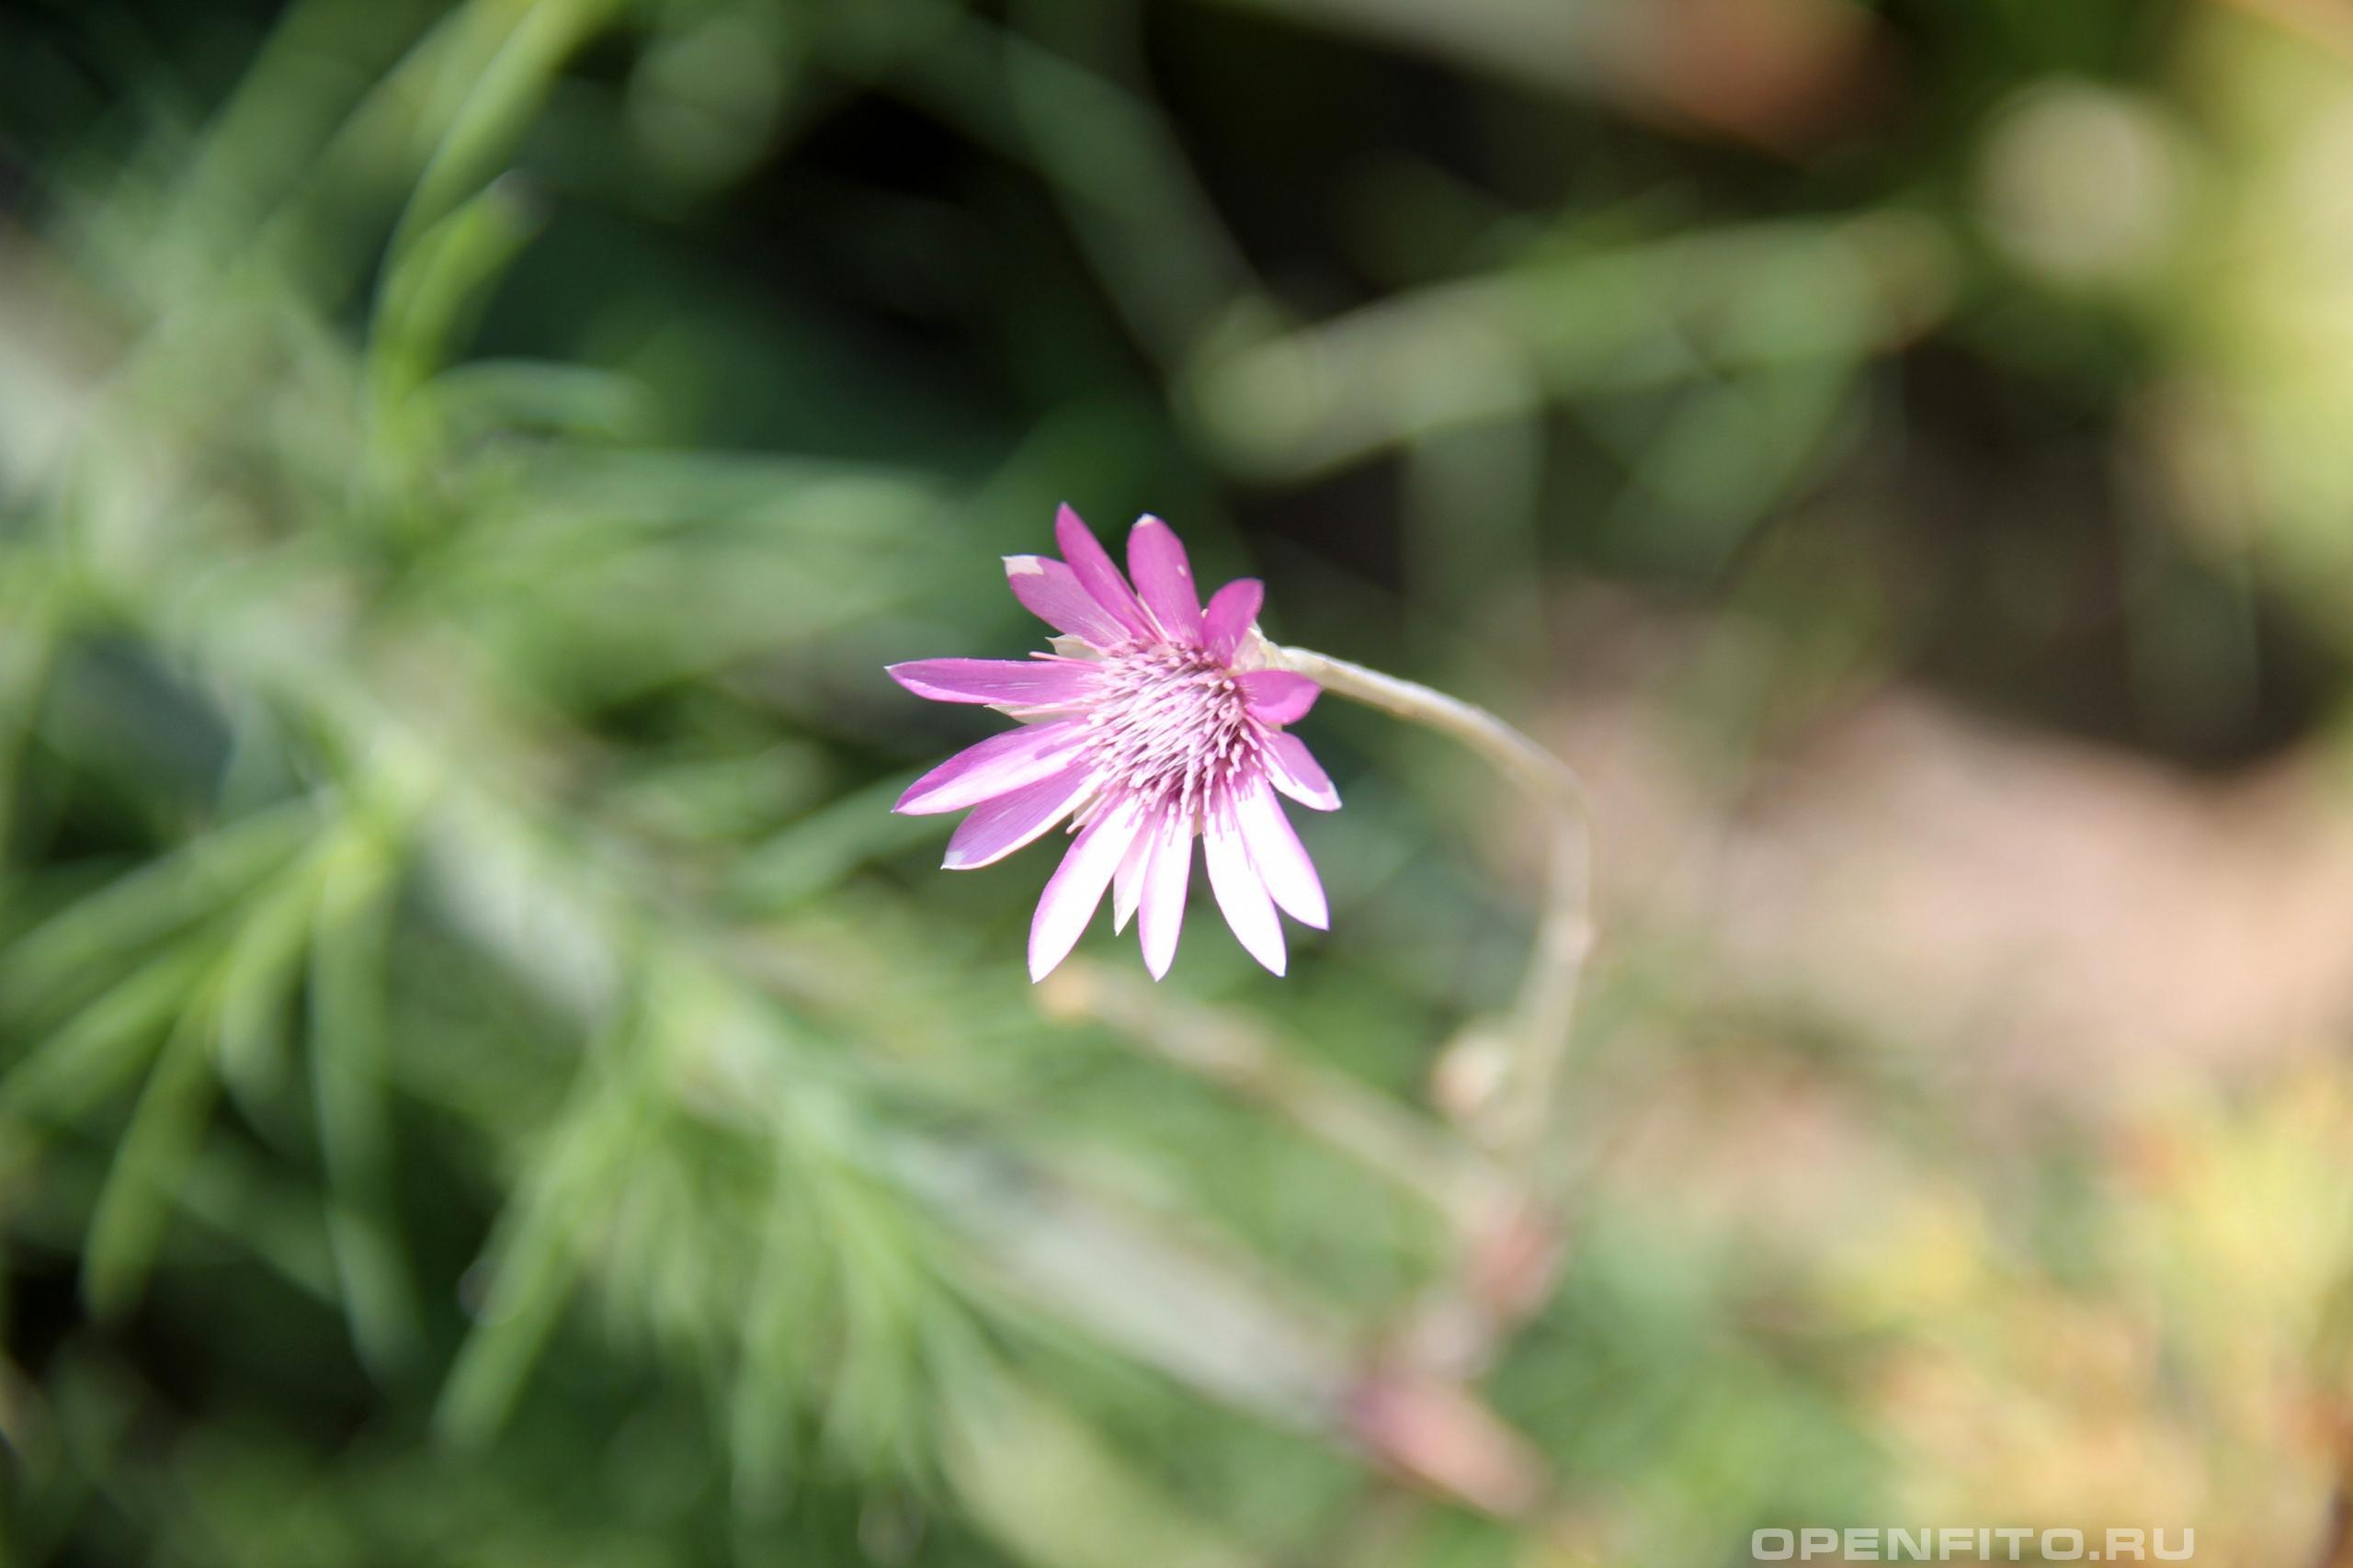 Сухоцвет однолетний одиночный цветок бессмертника